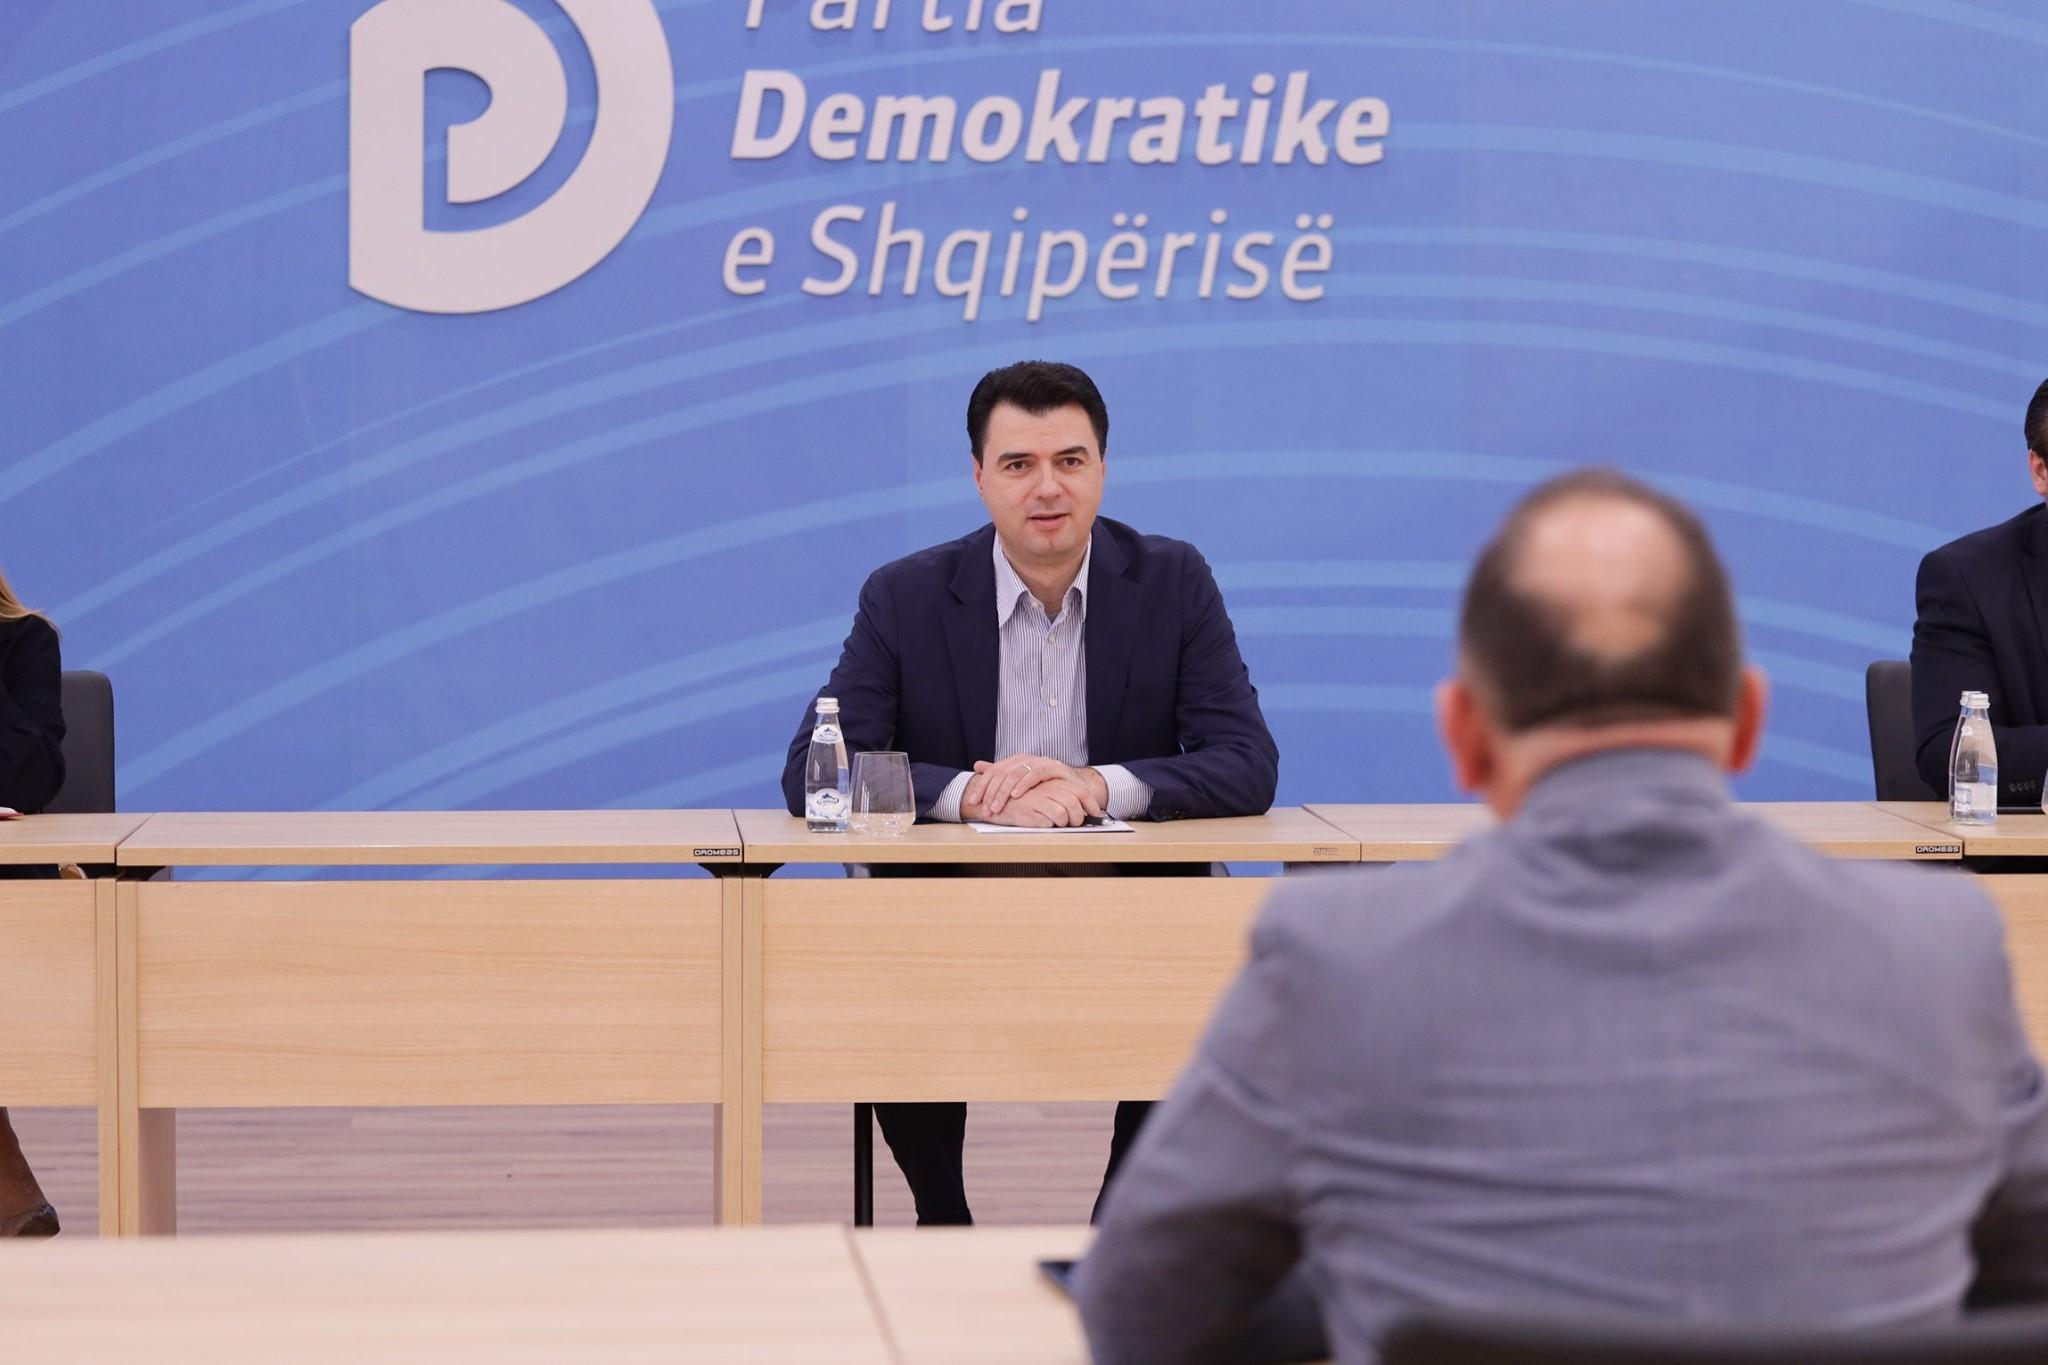 Basha takon kreun e Konfindustrisë: Ne do të bëjmë reforma të qarta